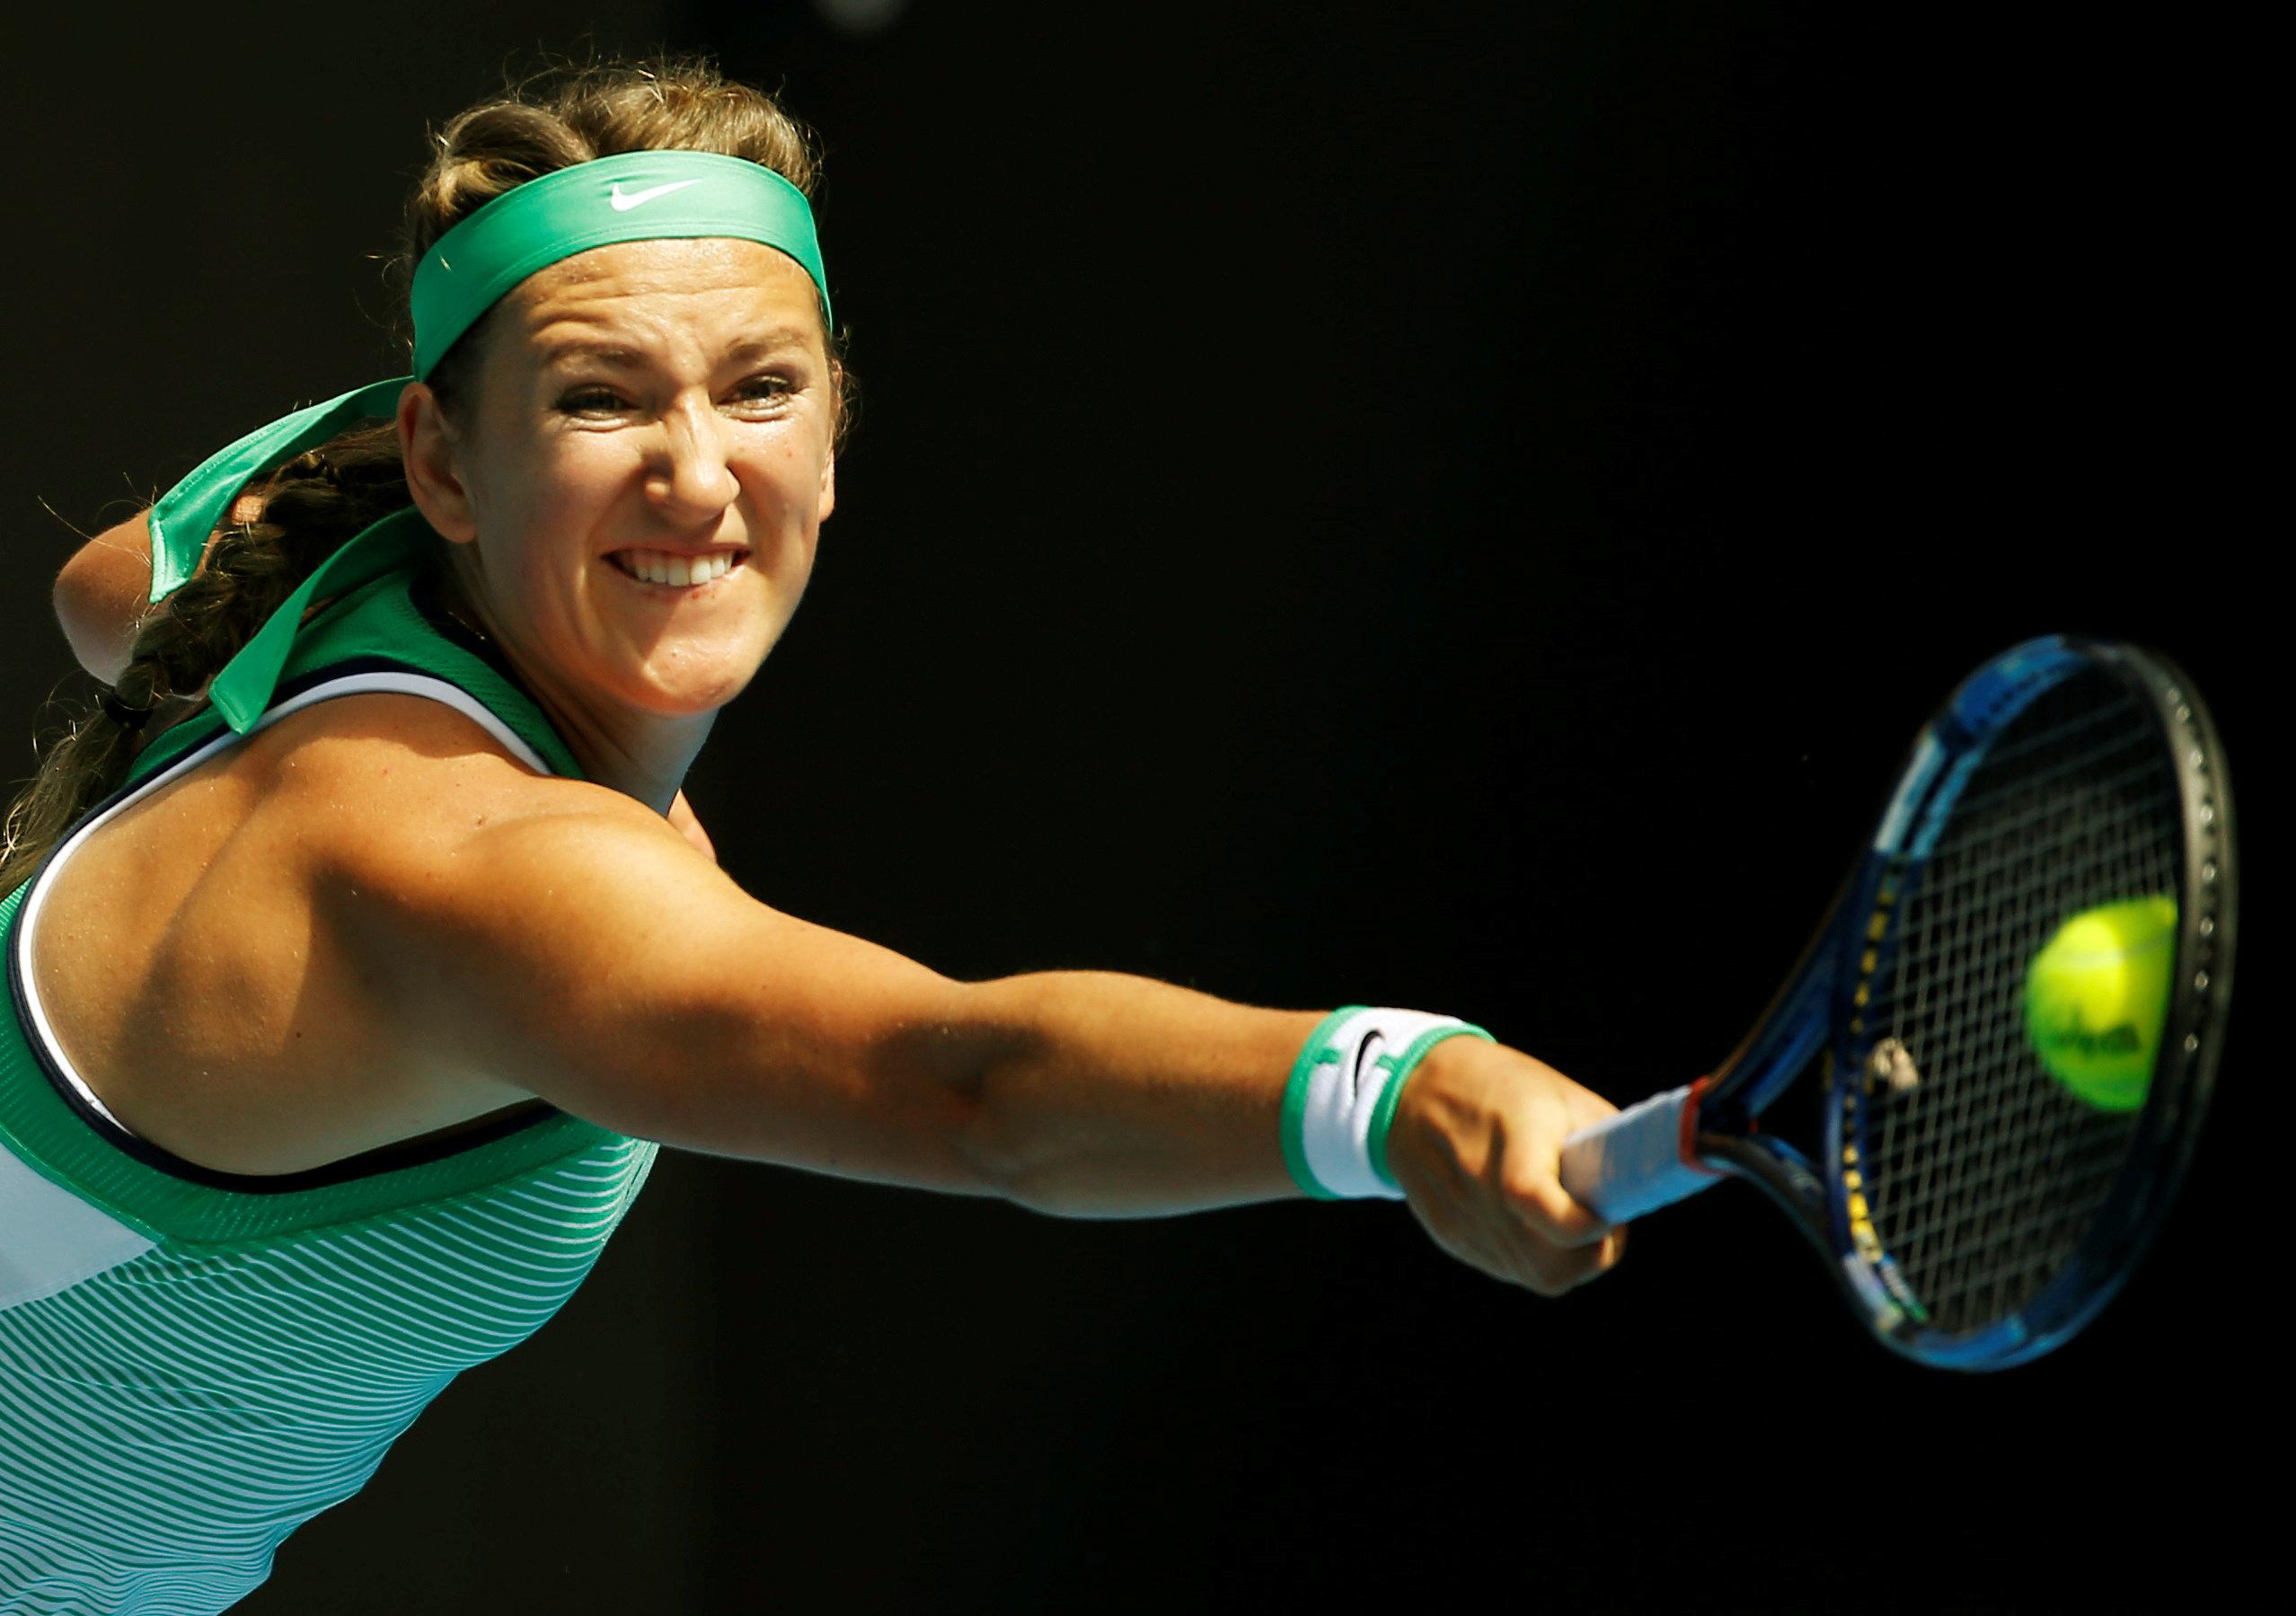 Tennis: Azarenka wins first match on return from motherhood